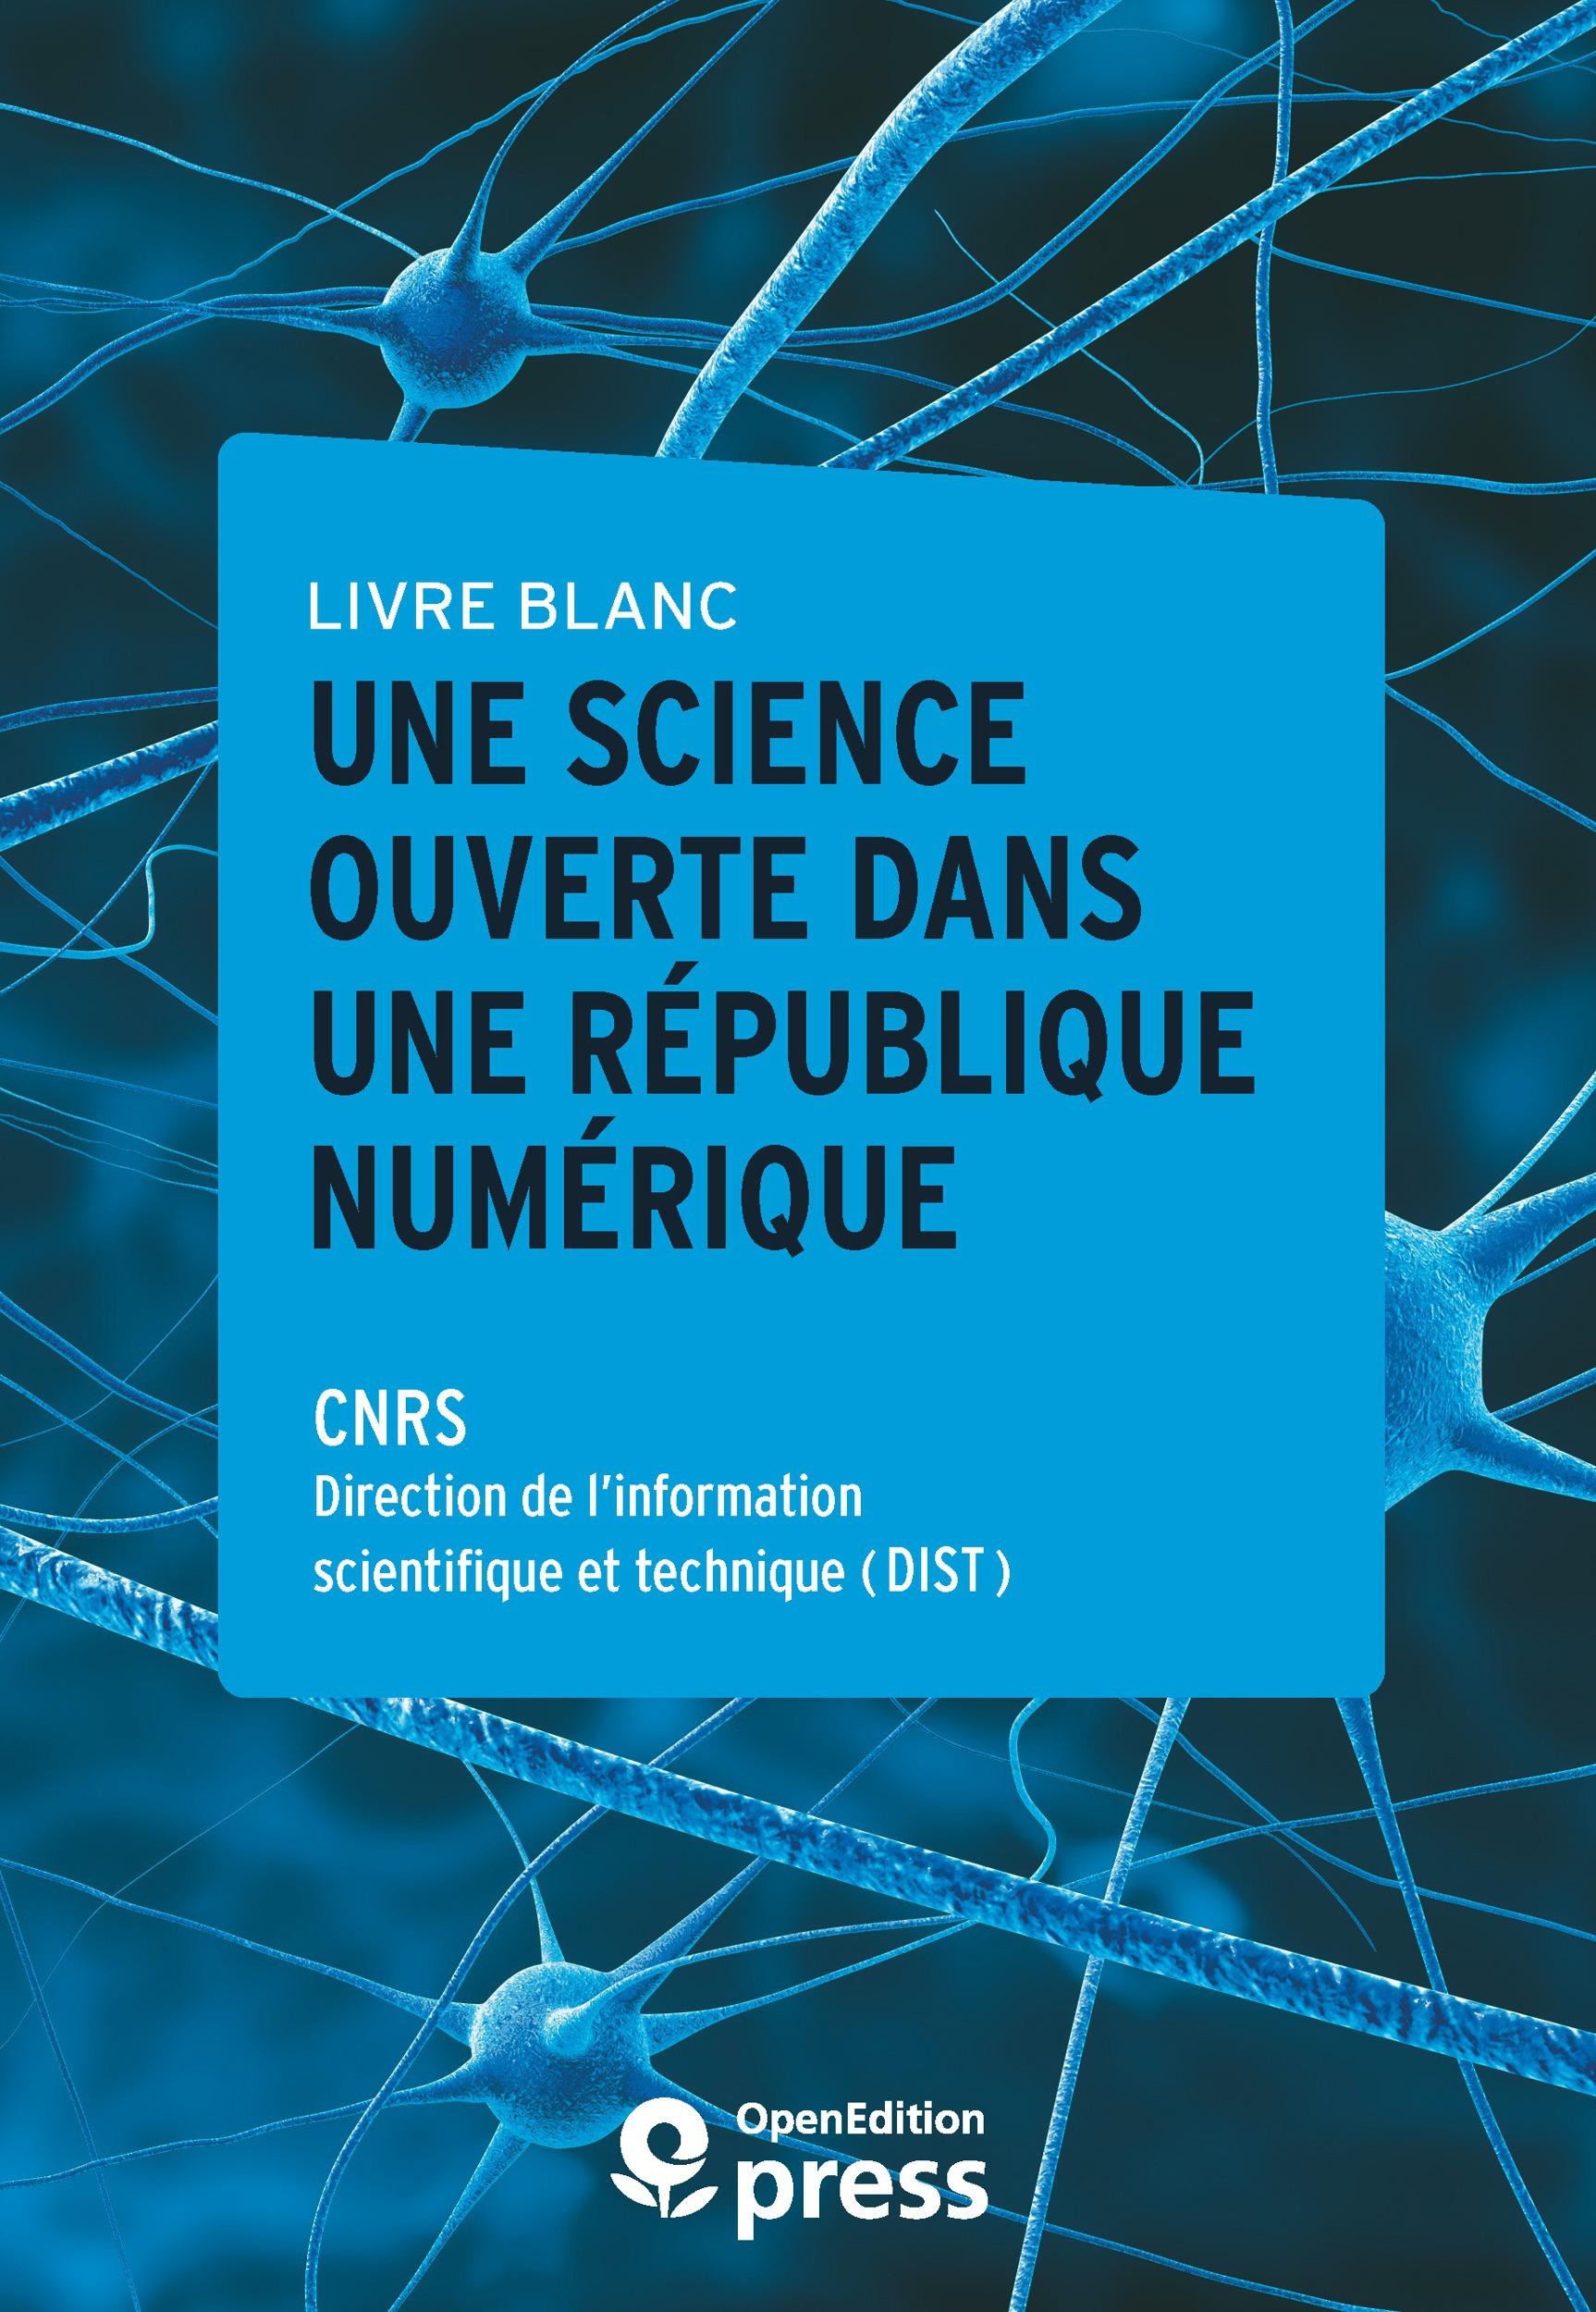 Livre blanc - Une Science ouverte dans une République numérique